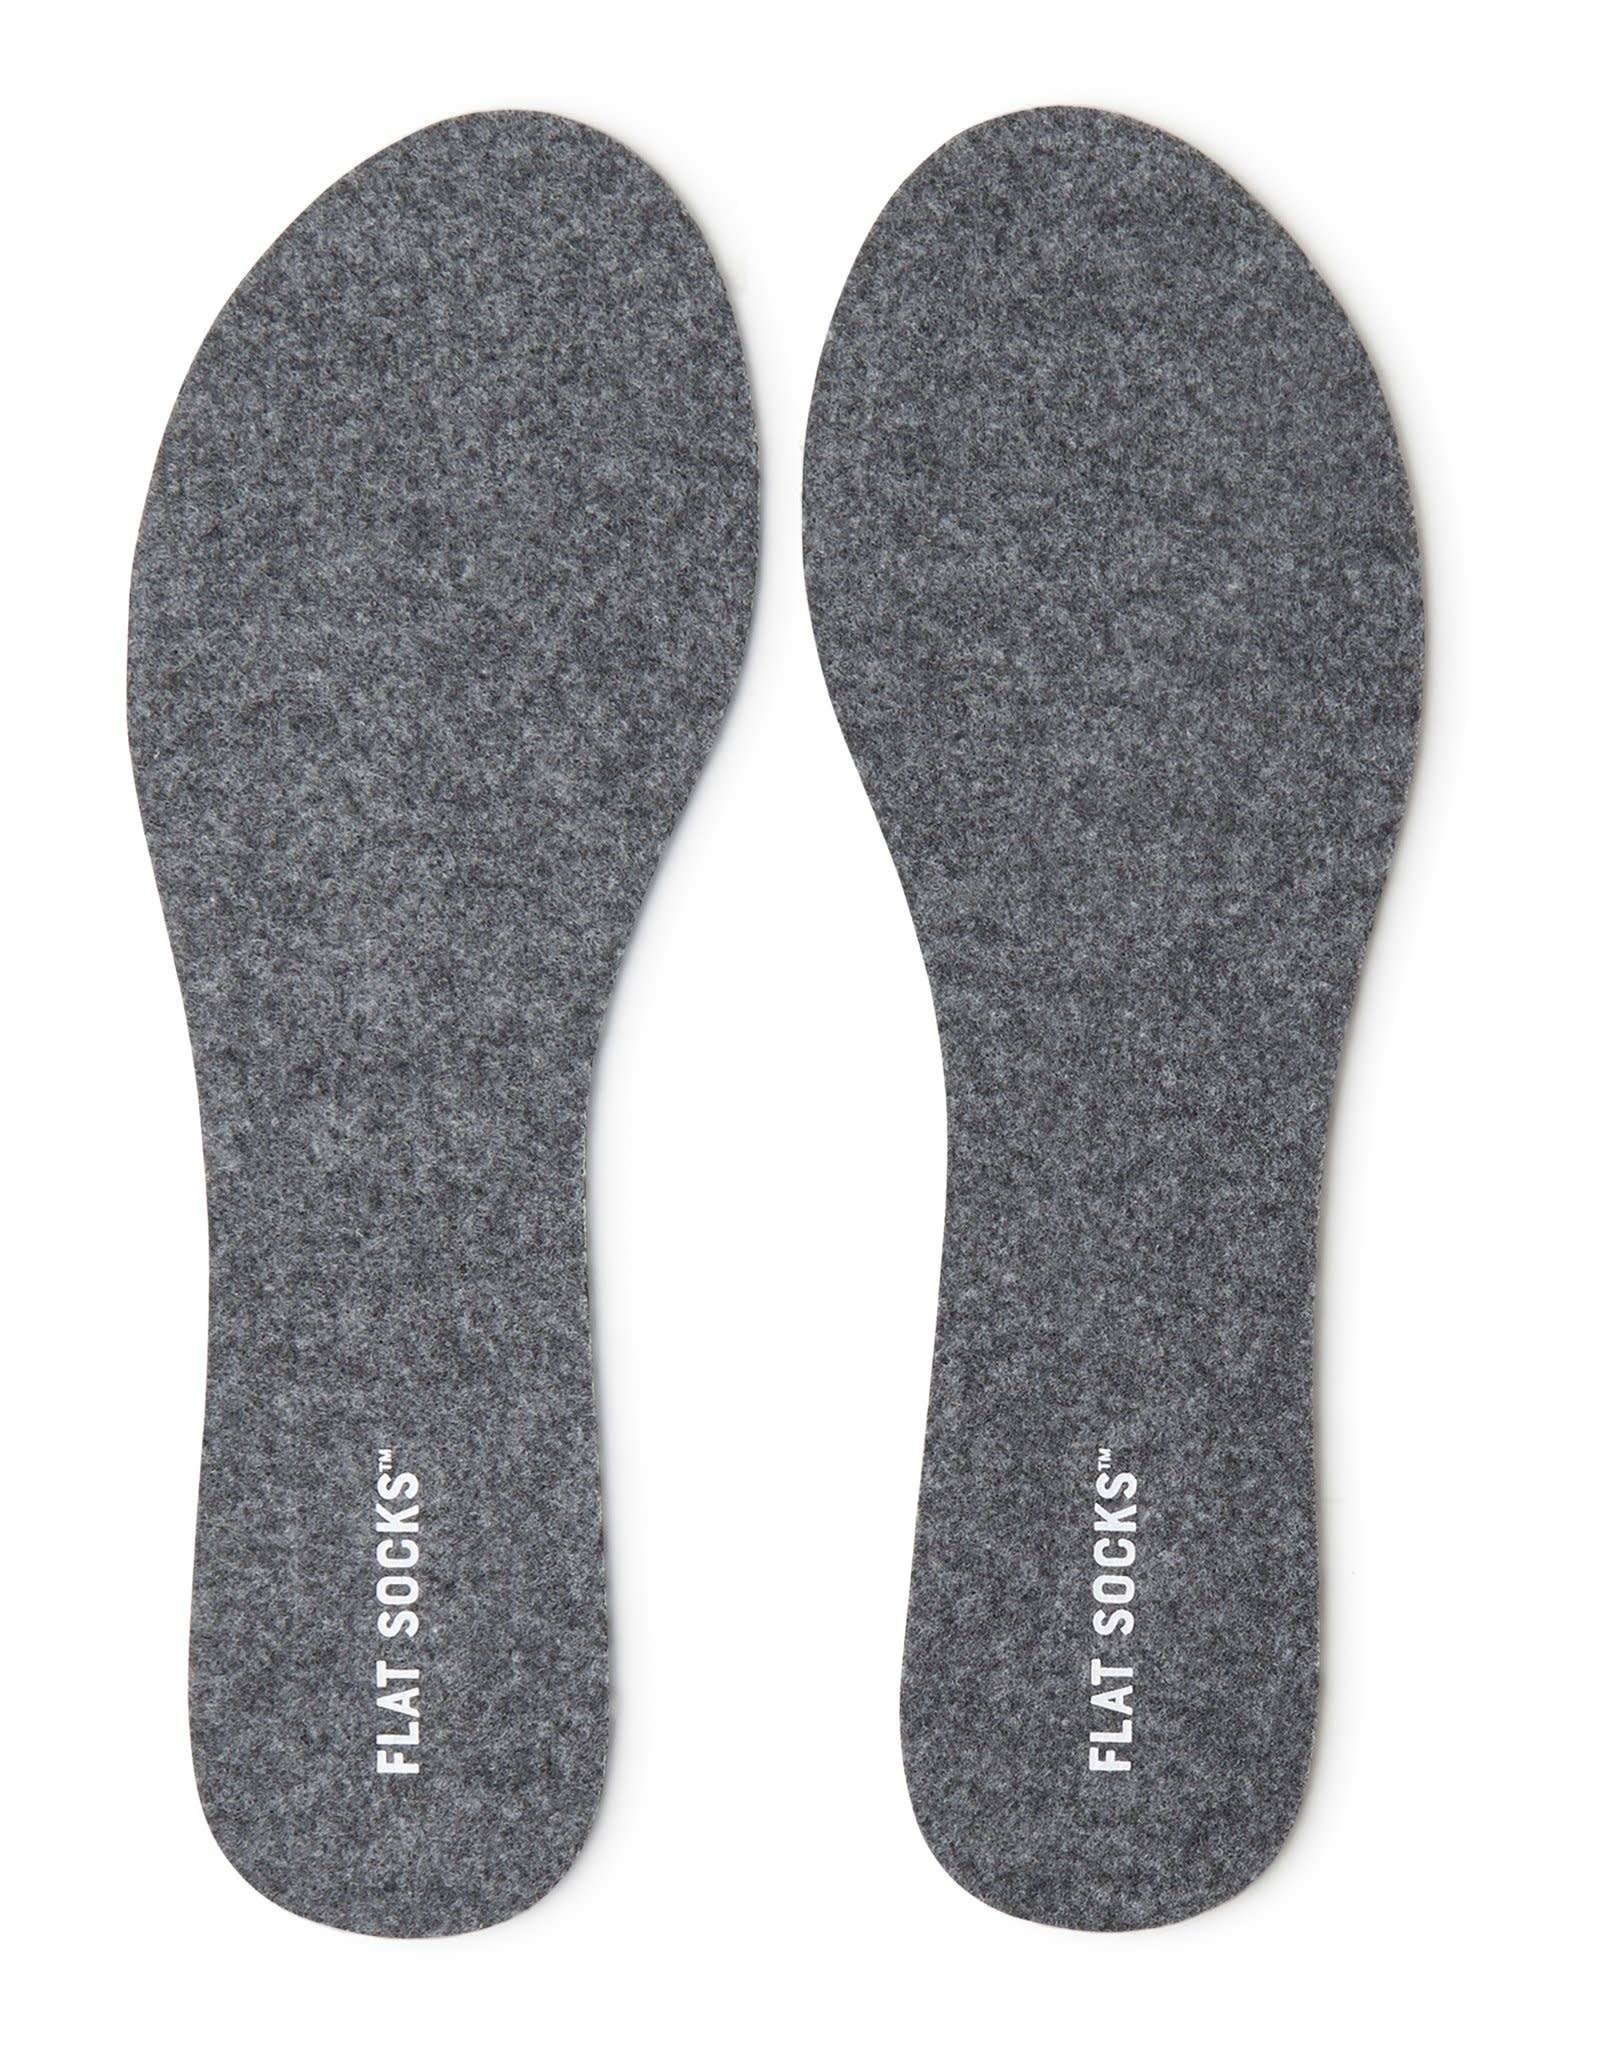 Flat Socks Dark Heather Grey Flat Socks